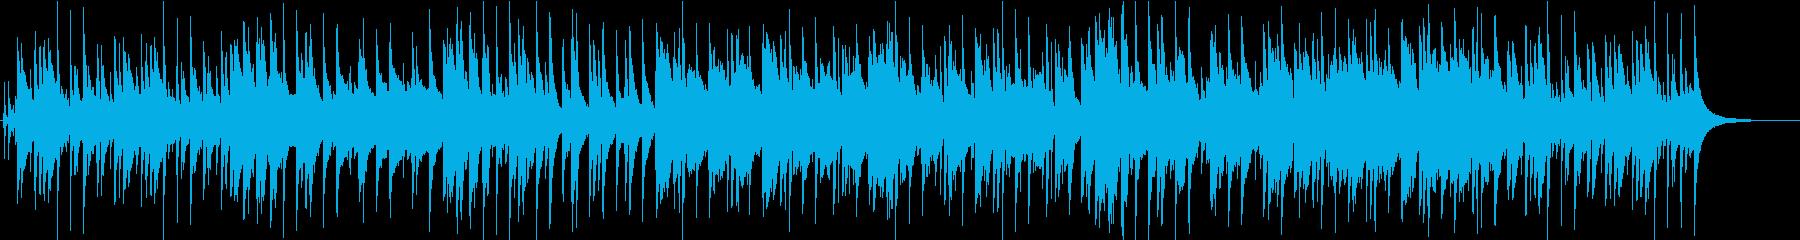 優しく包み込むようなピアノとフルートの曲の再生済みの波形